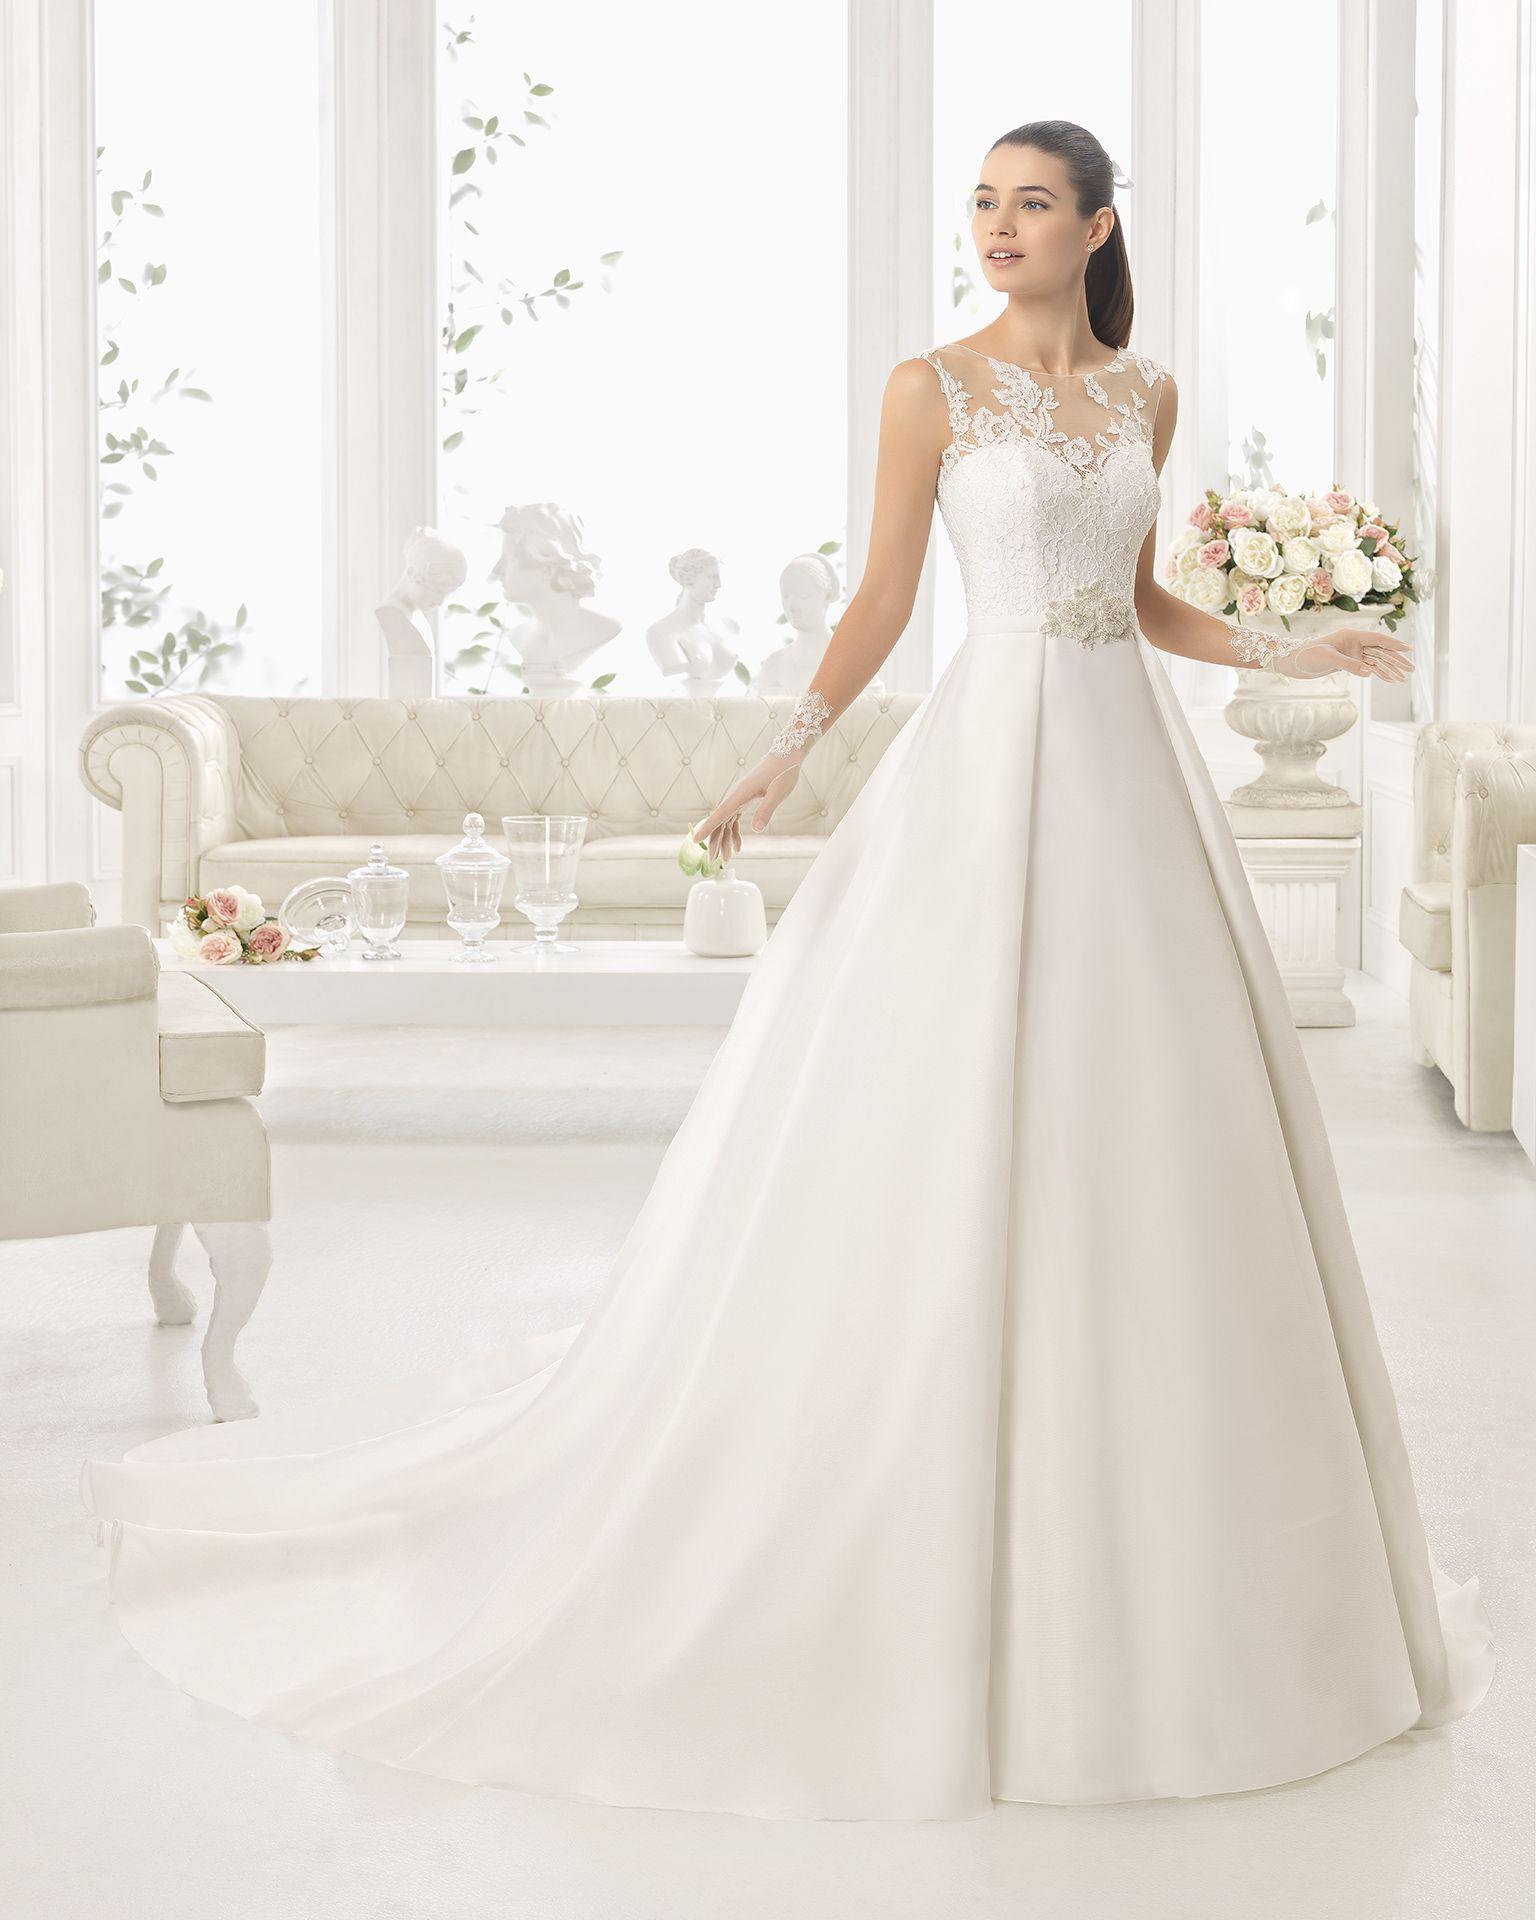 Nett Reine Hochzeitskleider Galerie - Brautkleider Ideen - cashingy.info